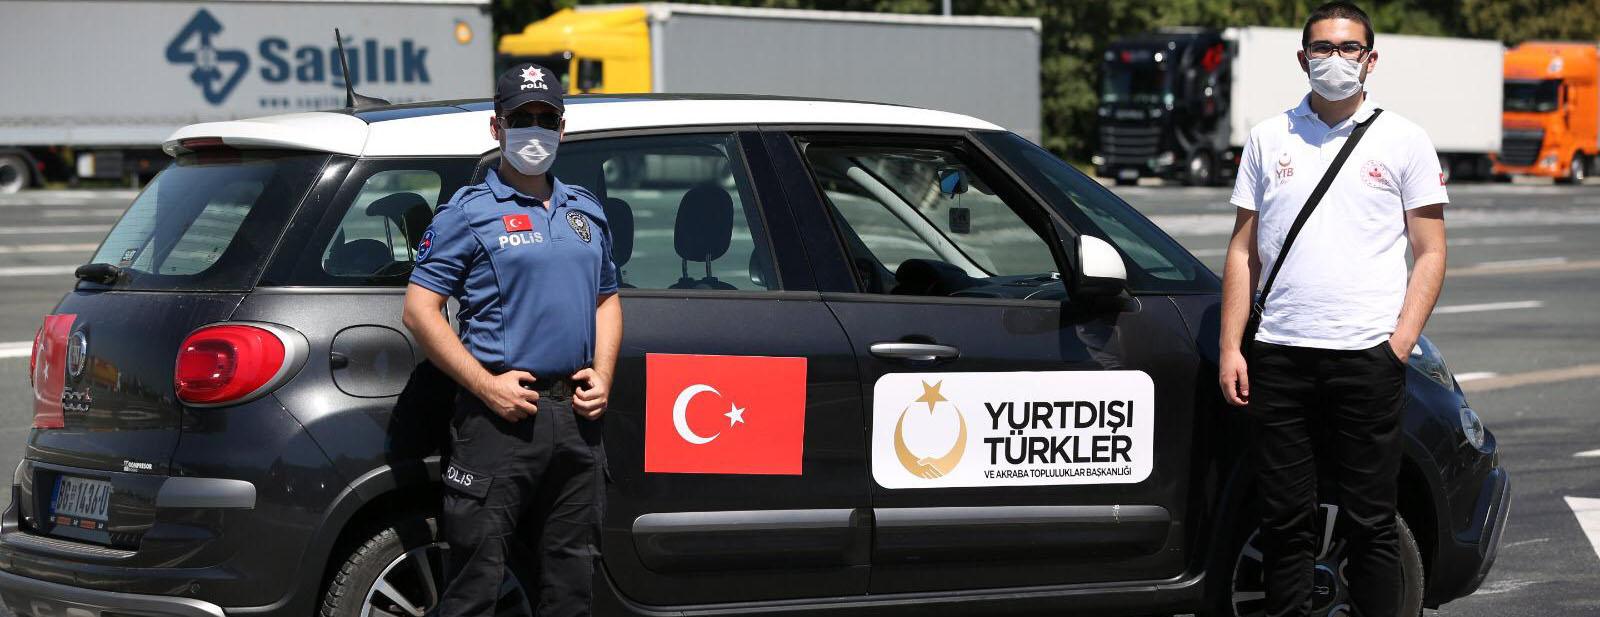 YTB, Memleket yoluna çıkan vatandaşlara Sırbistan sınırında hijyen paketleri dağıtıyor